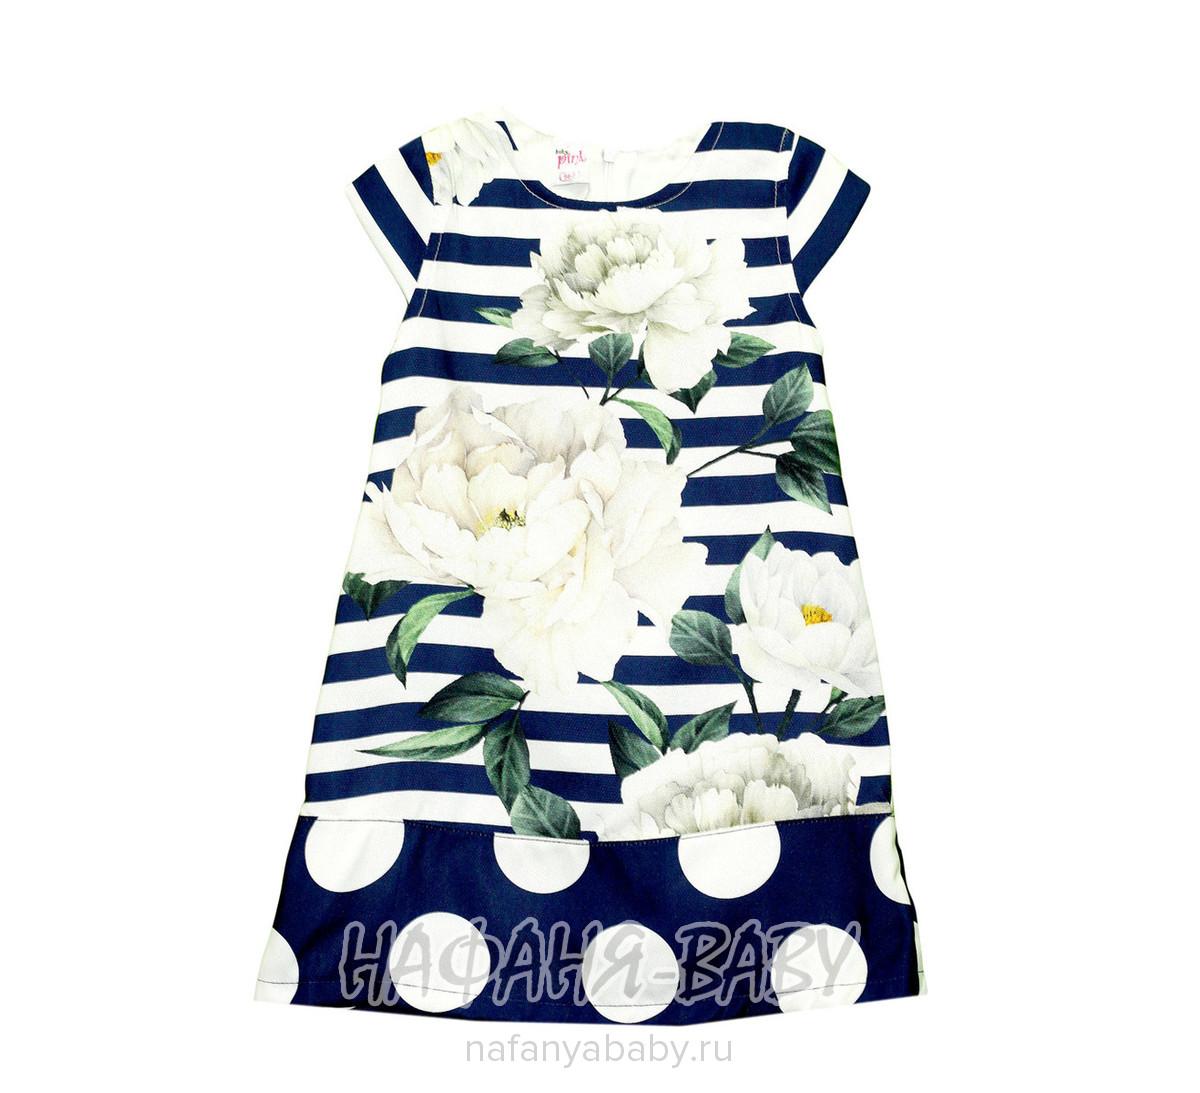 Детское платье PINK арт: 9482, 1-4 года, 5-9 лет, цвет темно-синий, оптом Турция